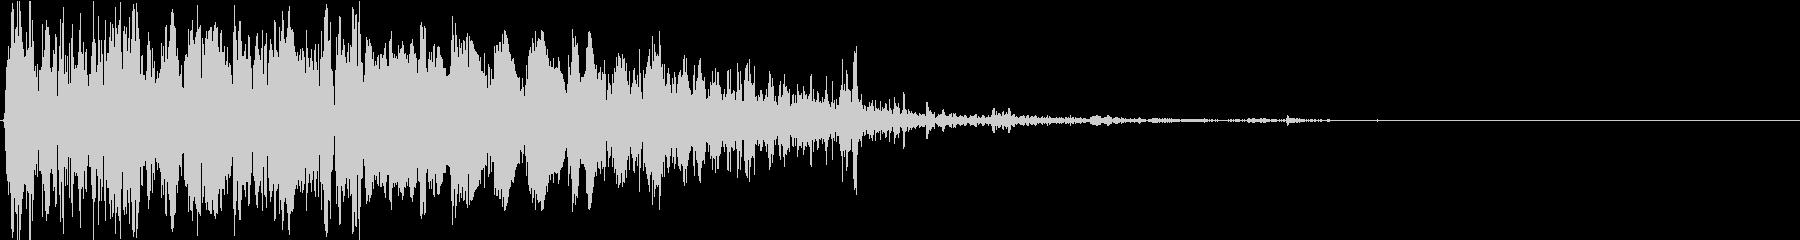 バッテリーラム:シングルインパクト...の未再生の波形